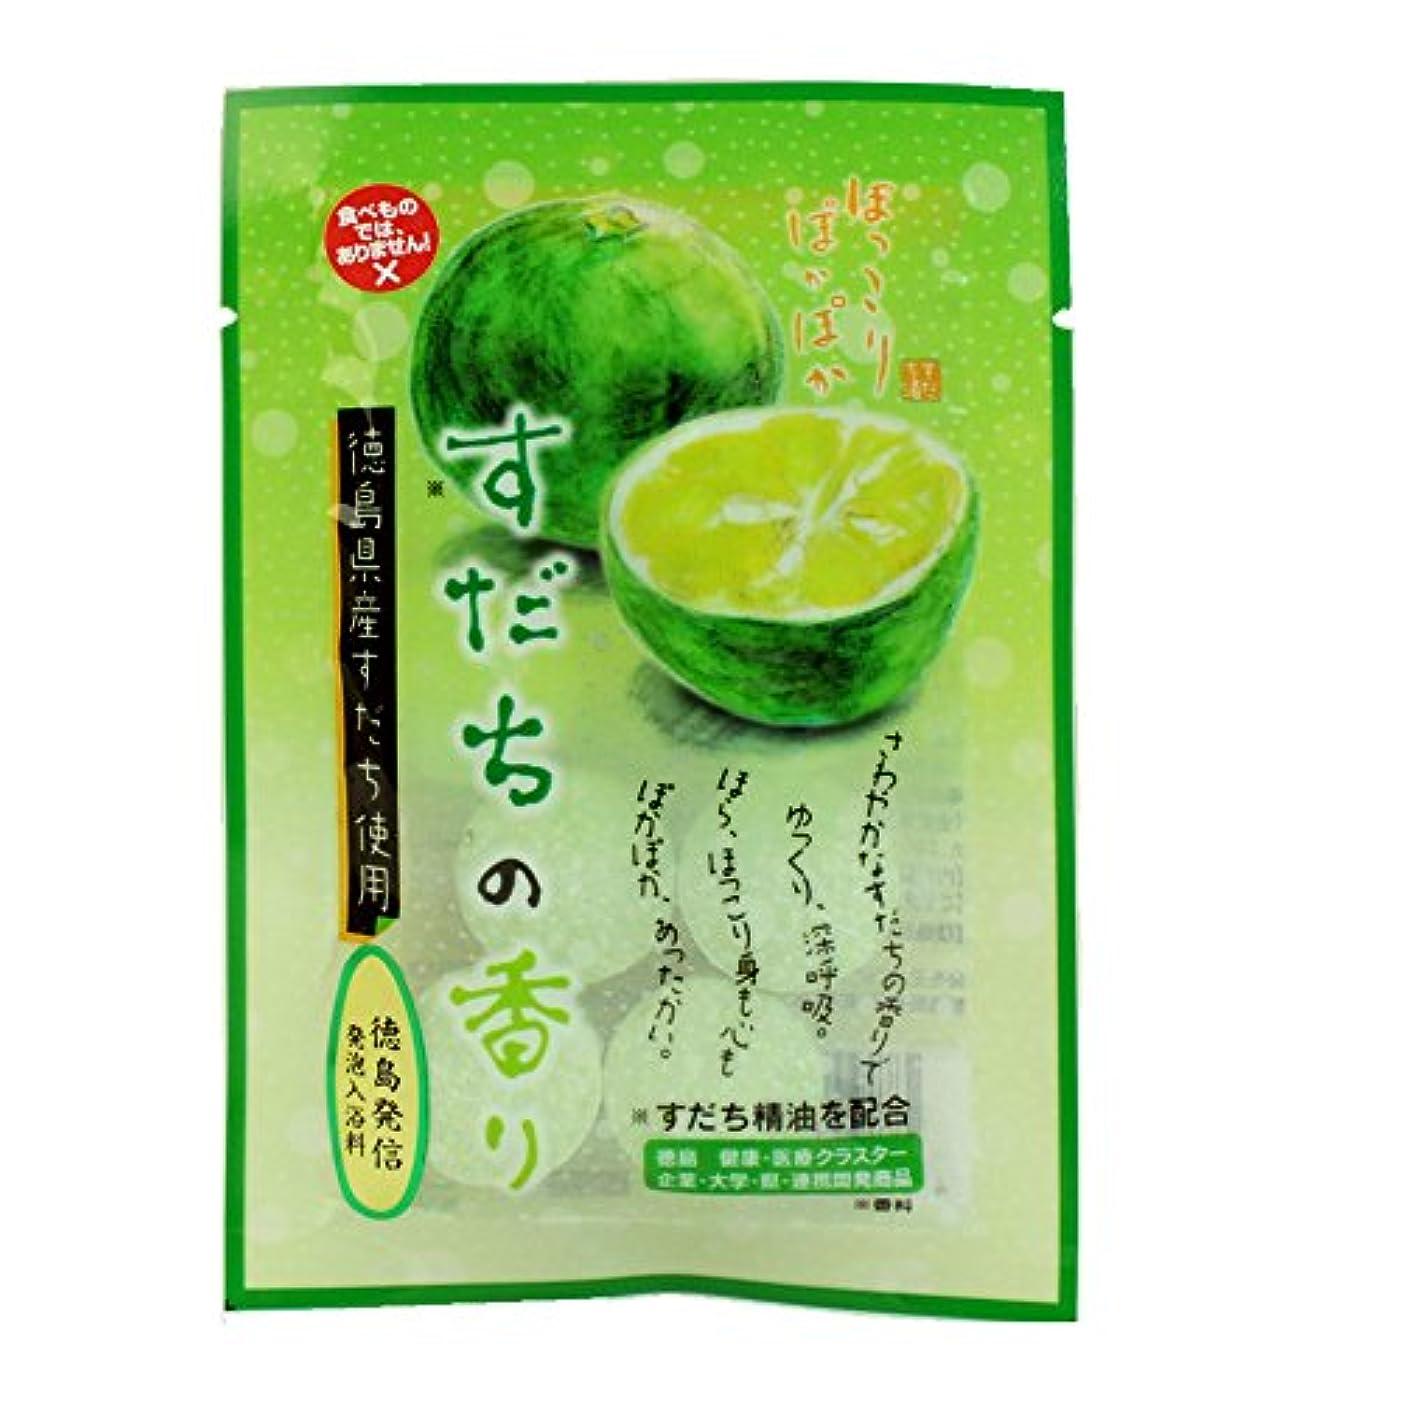 対立次へ起業家すだちの香り 発泡入浴料 1袋 徳島県産すだち使用 860 送料無料